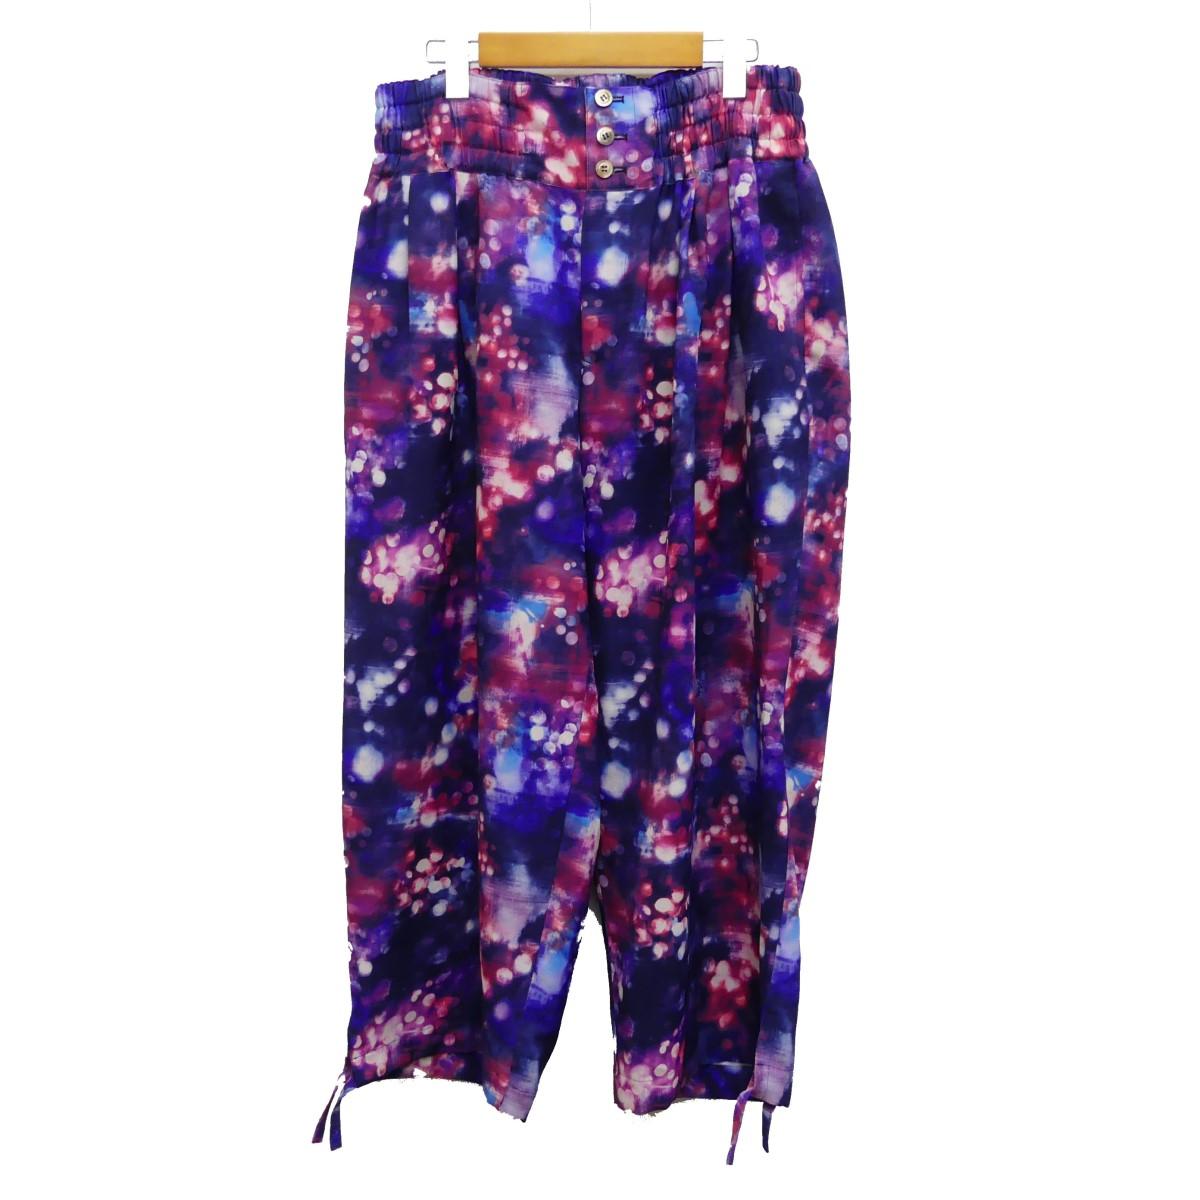 【中古】Robes&Confections2019SS Polyester Baggy Pants 総柄パンツ ネイビー×レッド サイズ:4 【7月9日見直し】